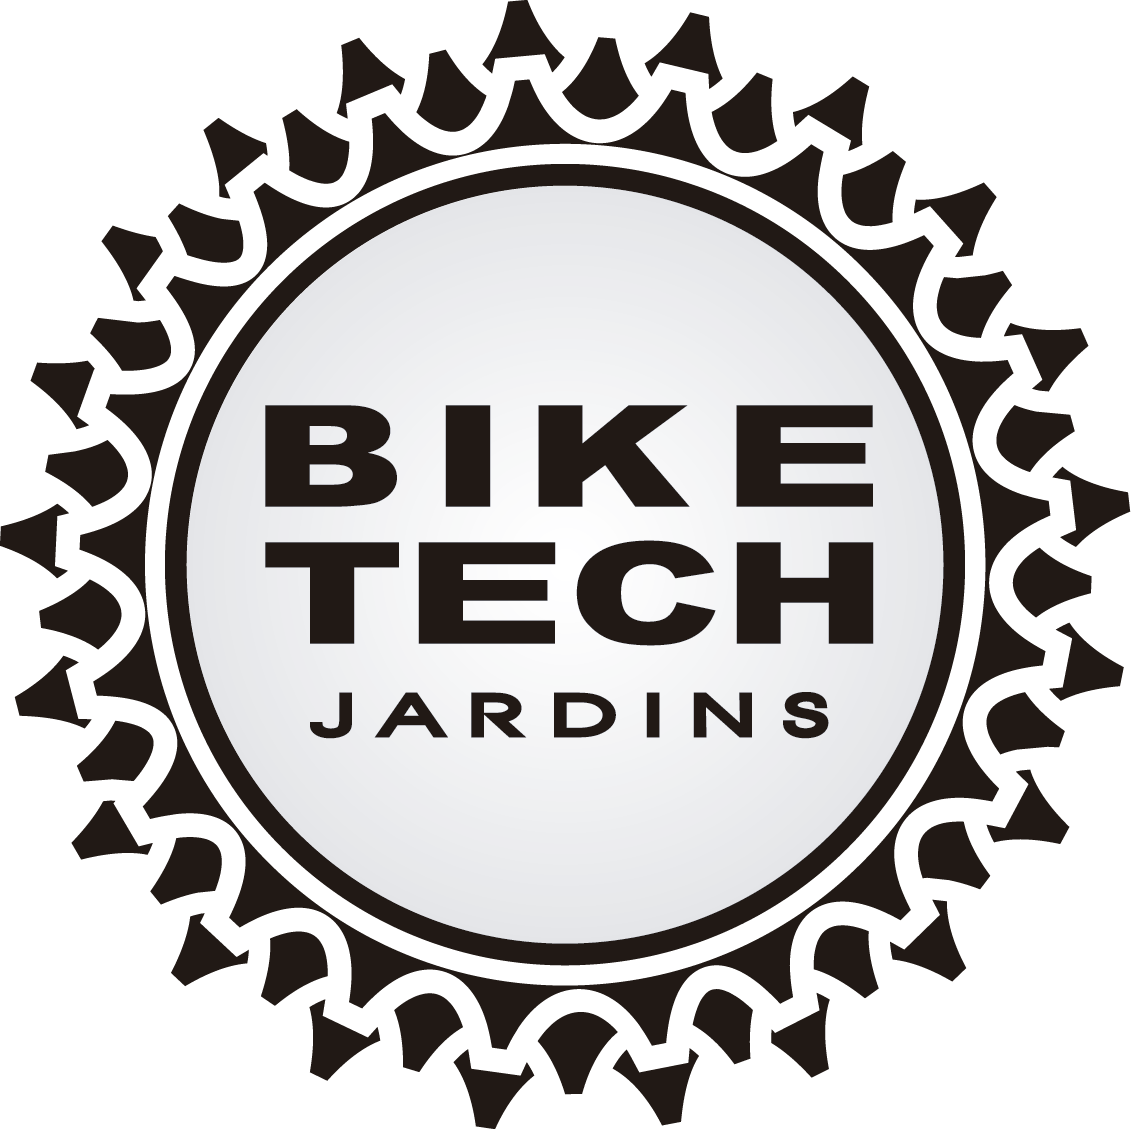 a2175d6d0 Bike Tech Jardins - Trek Dealer